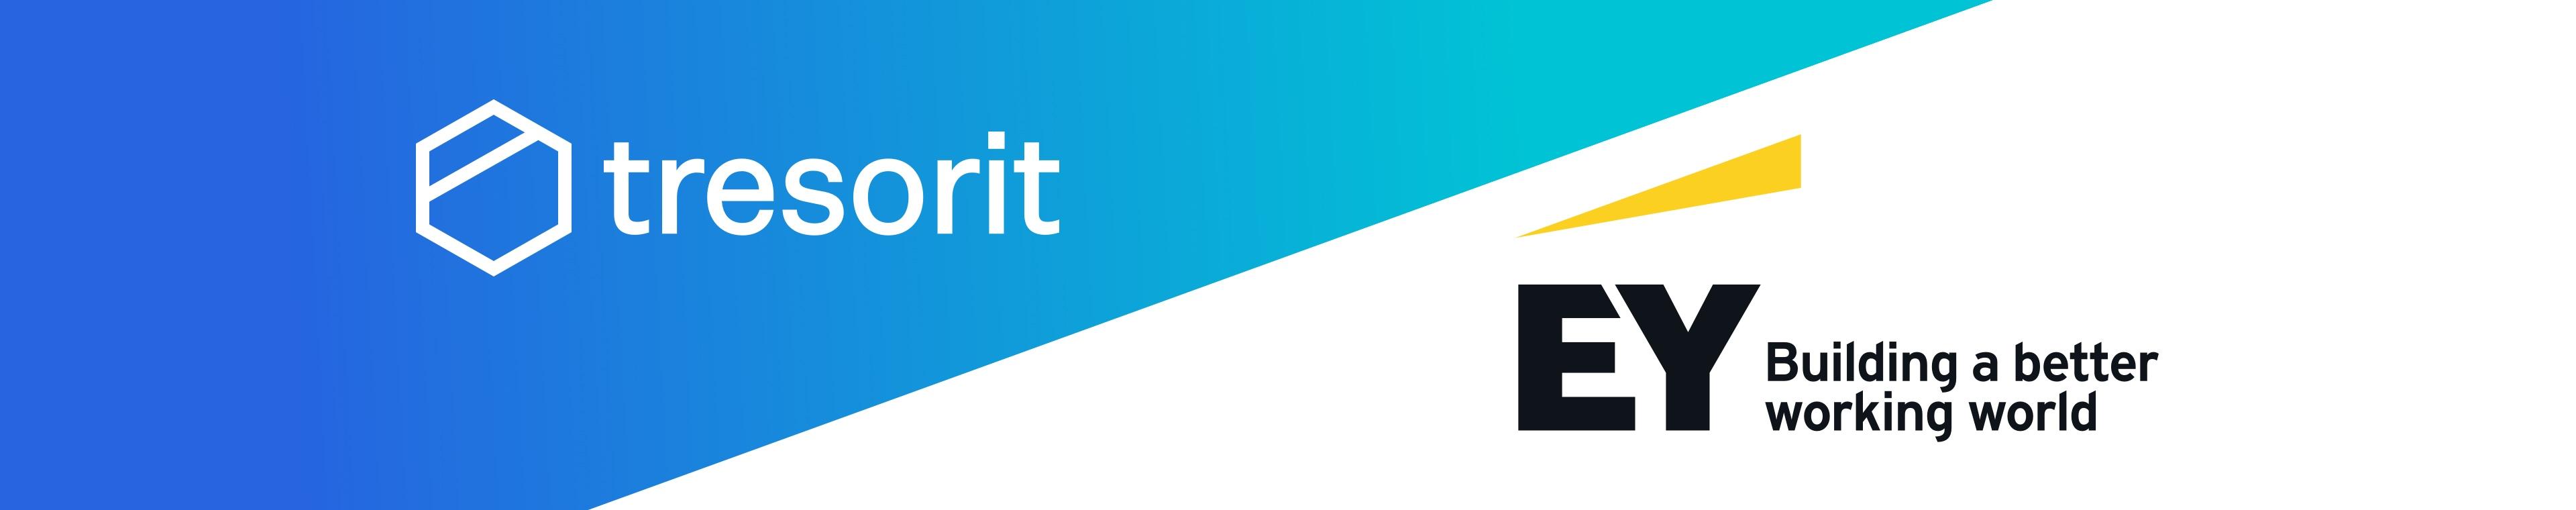 Ernst & Young-Bewertung bestätigt Tresorits Sicherheitsarchitektur